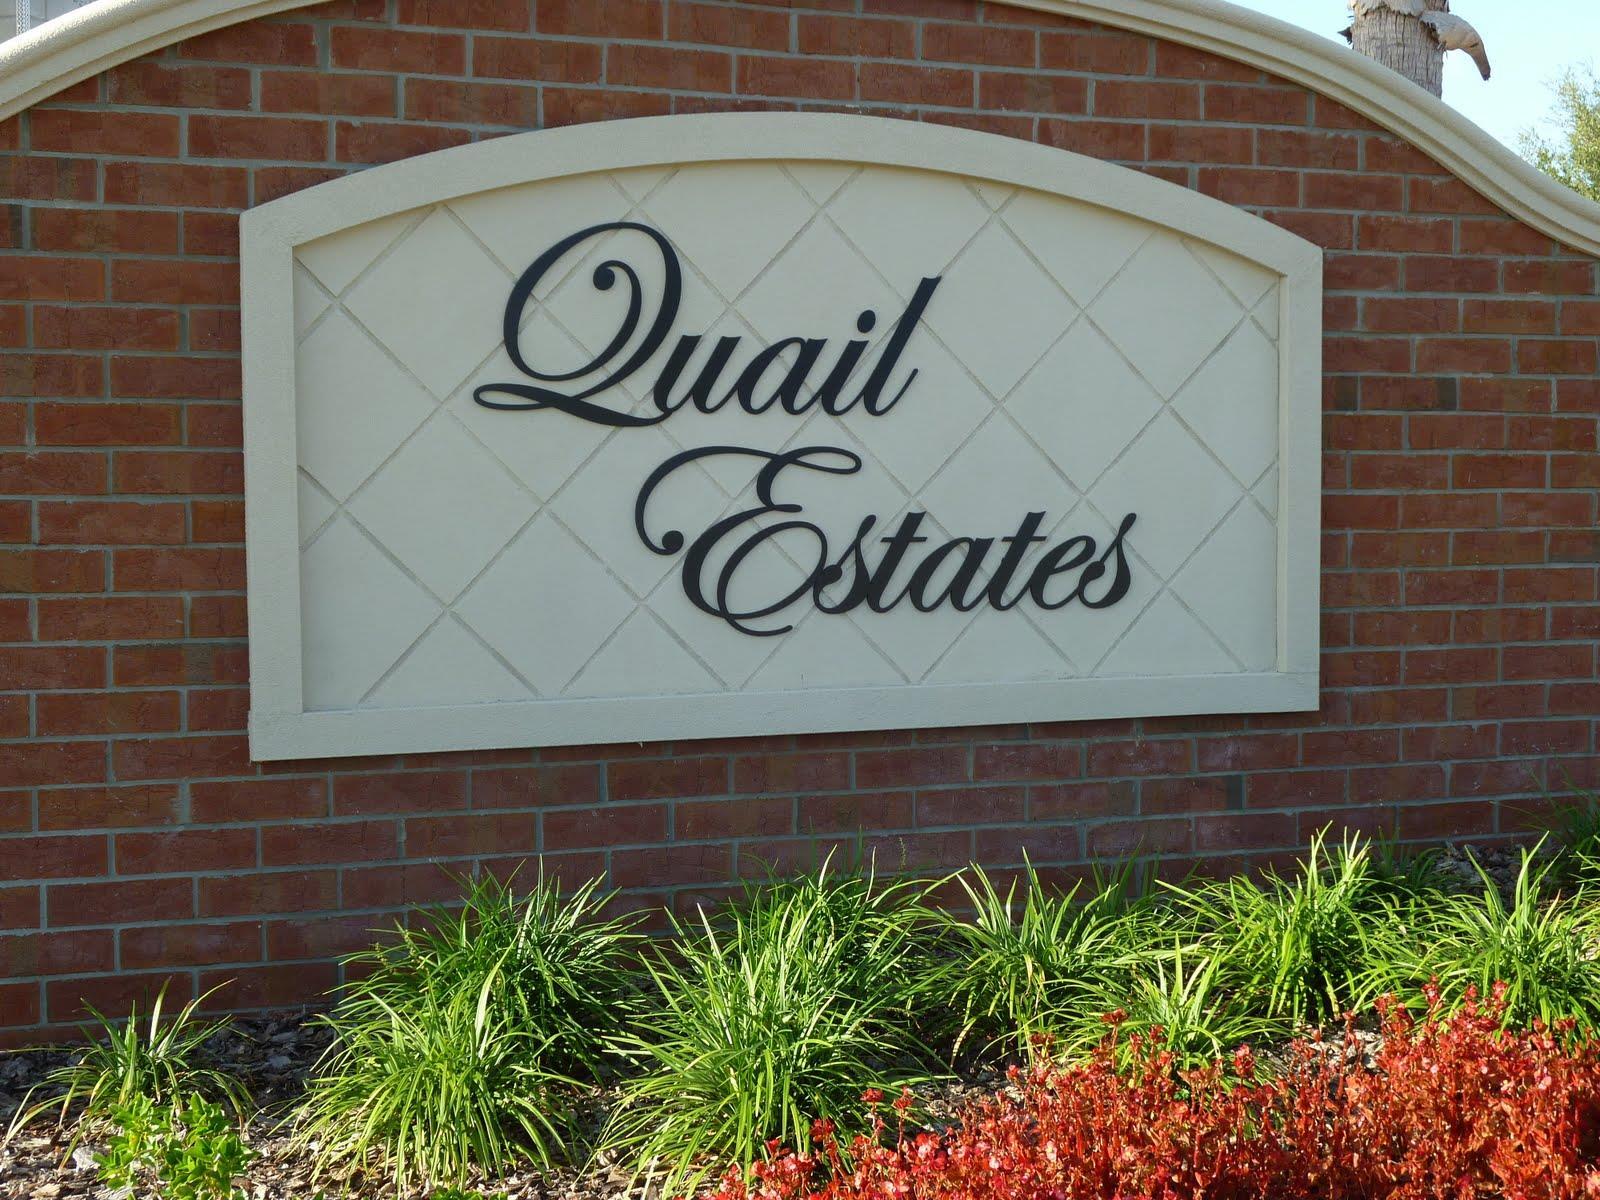 Quail Estates Apopka FL